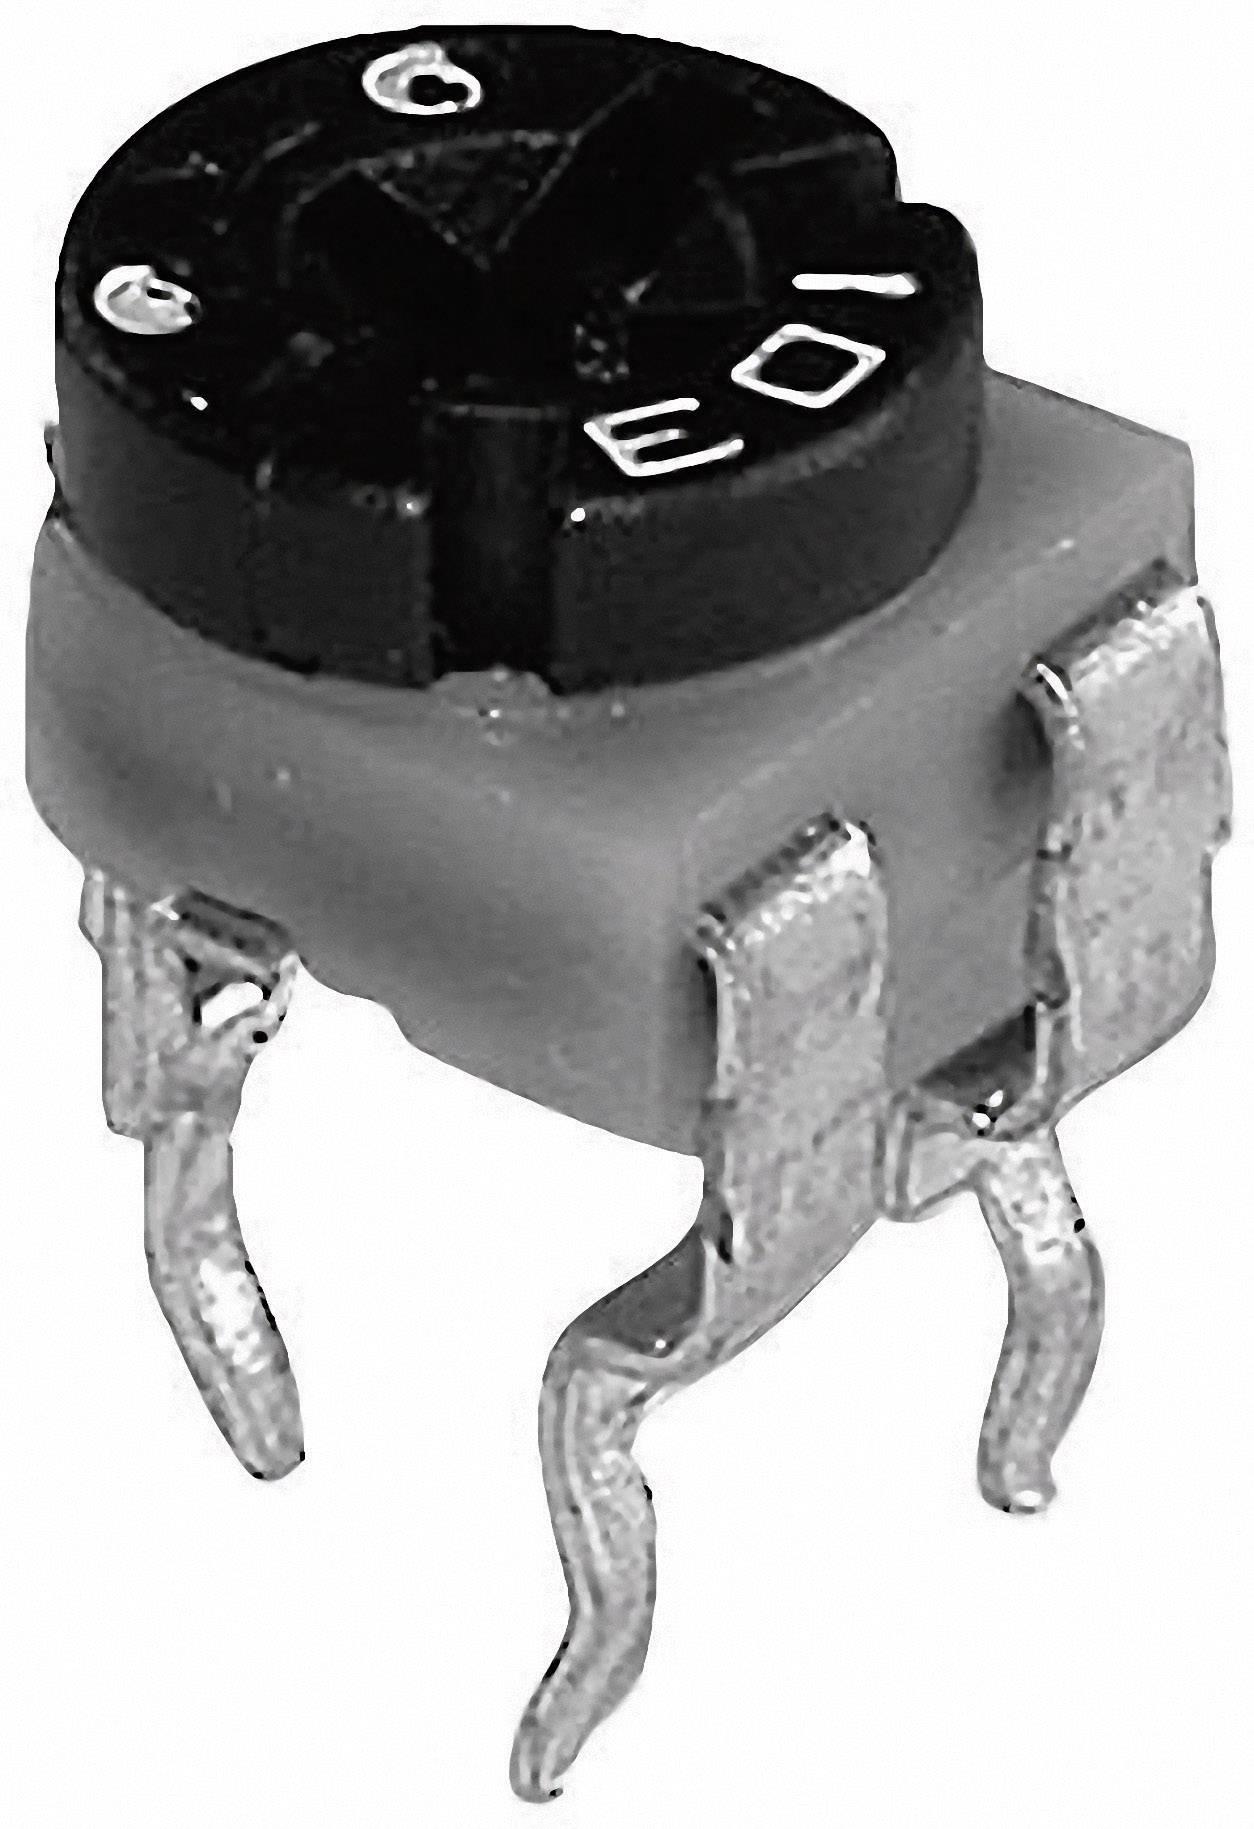 Uhlíkový trimer TT Electronics AB 601036, lineárny, 50 kOhm, 0.1 W, 1 ks